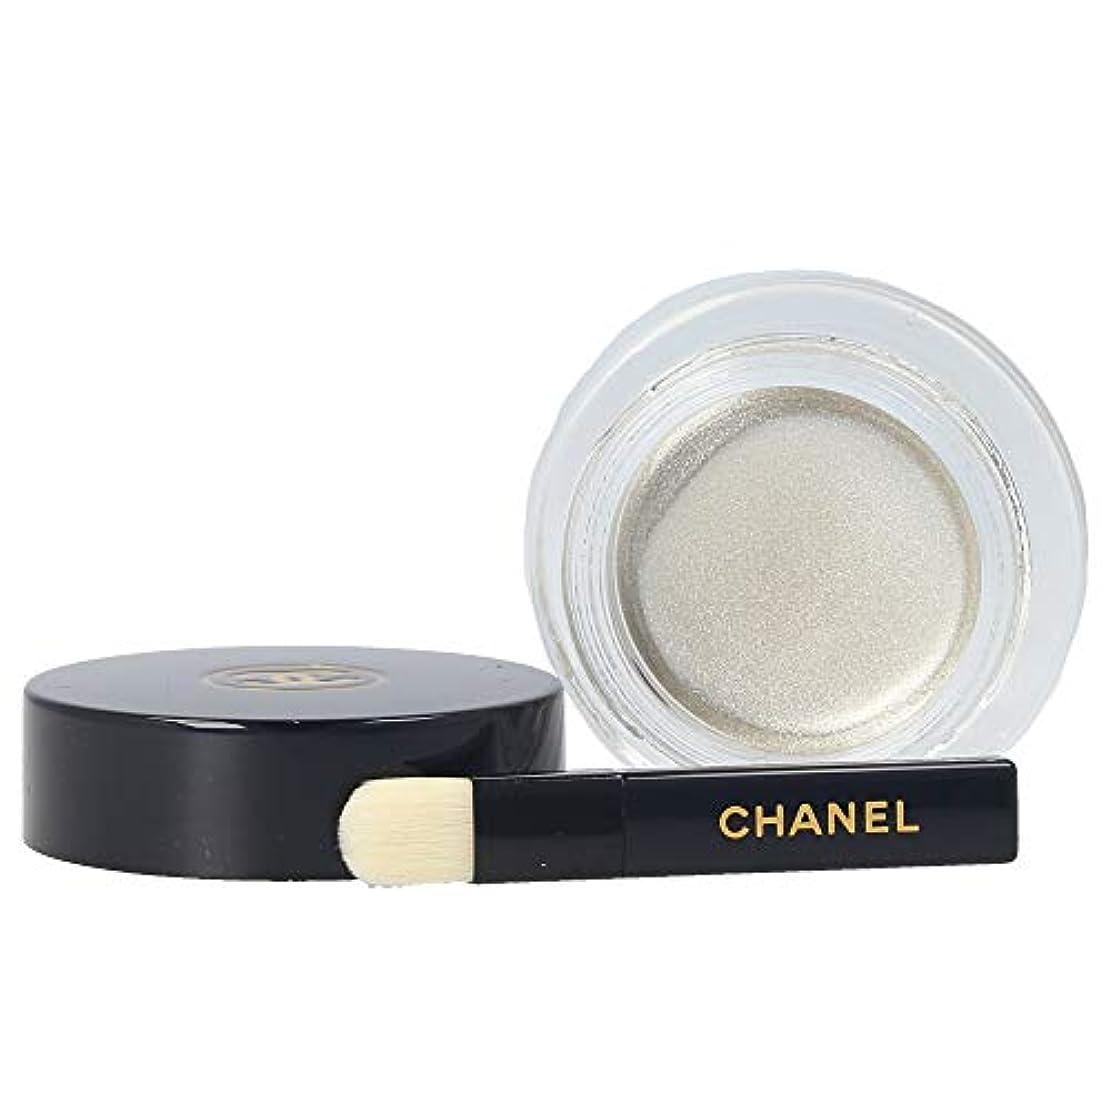 フォアタイプ慣性ポケットシャネル シャネル オンブル プルミエール グロス #ルネール 限定品 -CHANEL-